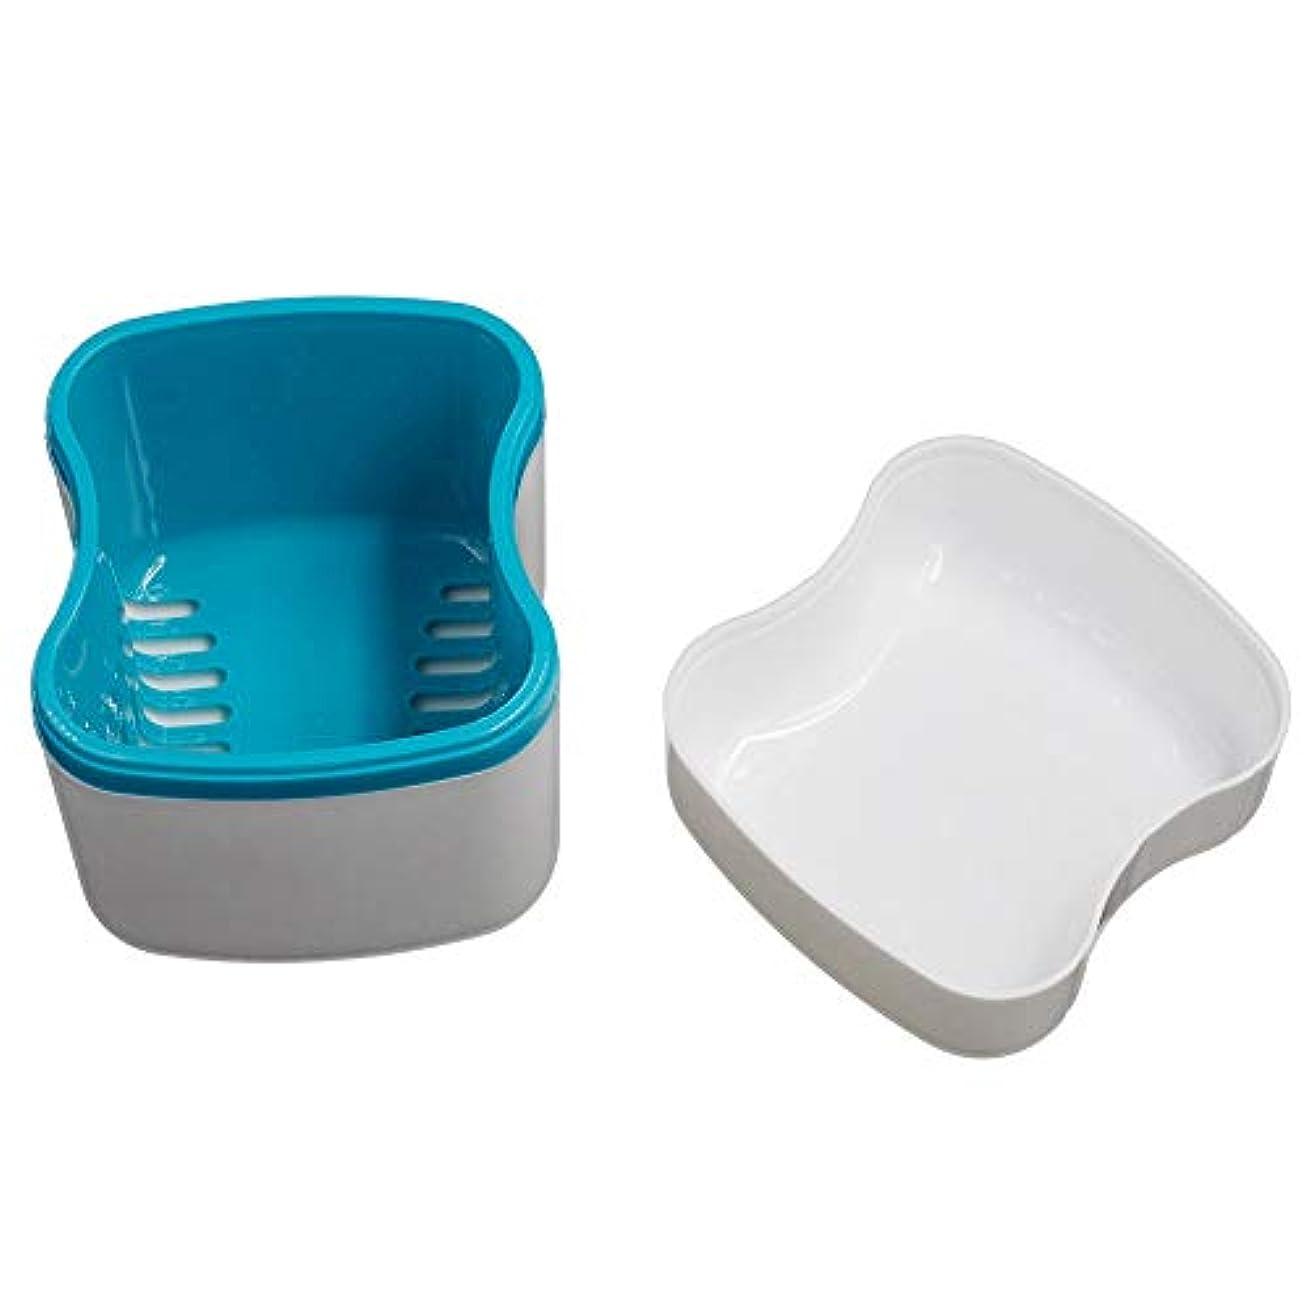 珍味ナラーバー私のDream 入れ歯ケース 義歯収納容器 入れ歯収納 義歯ケース 義歯ボックス 保管ケース 軽量 携帯便利 ストレーナー付き (ブルー)